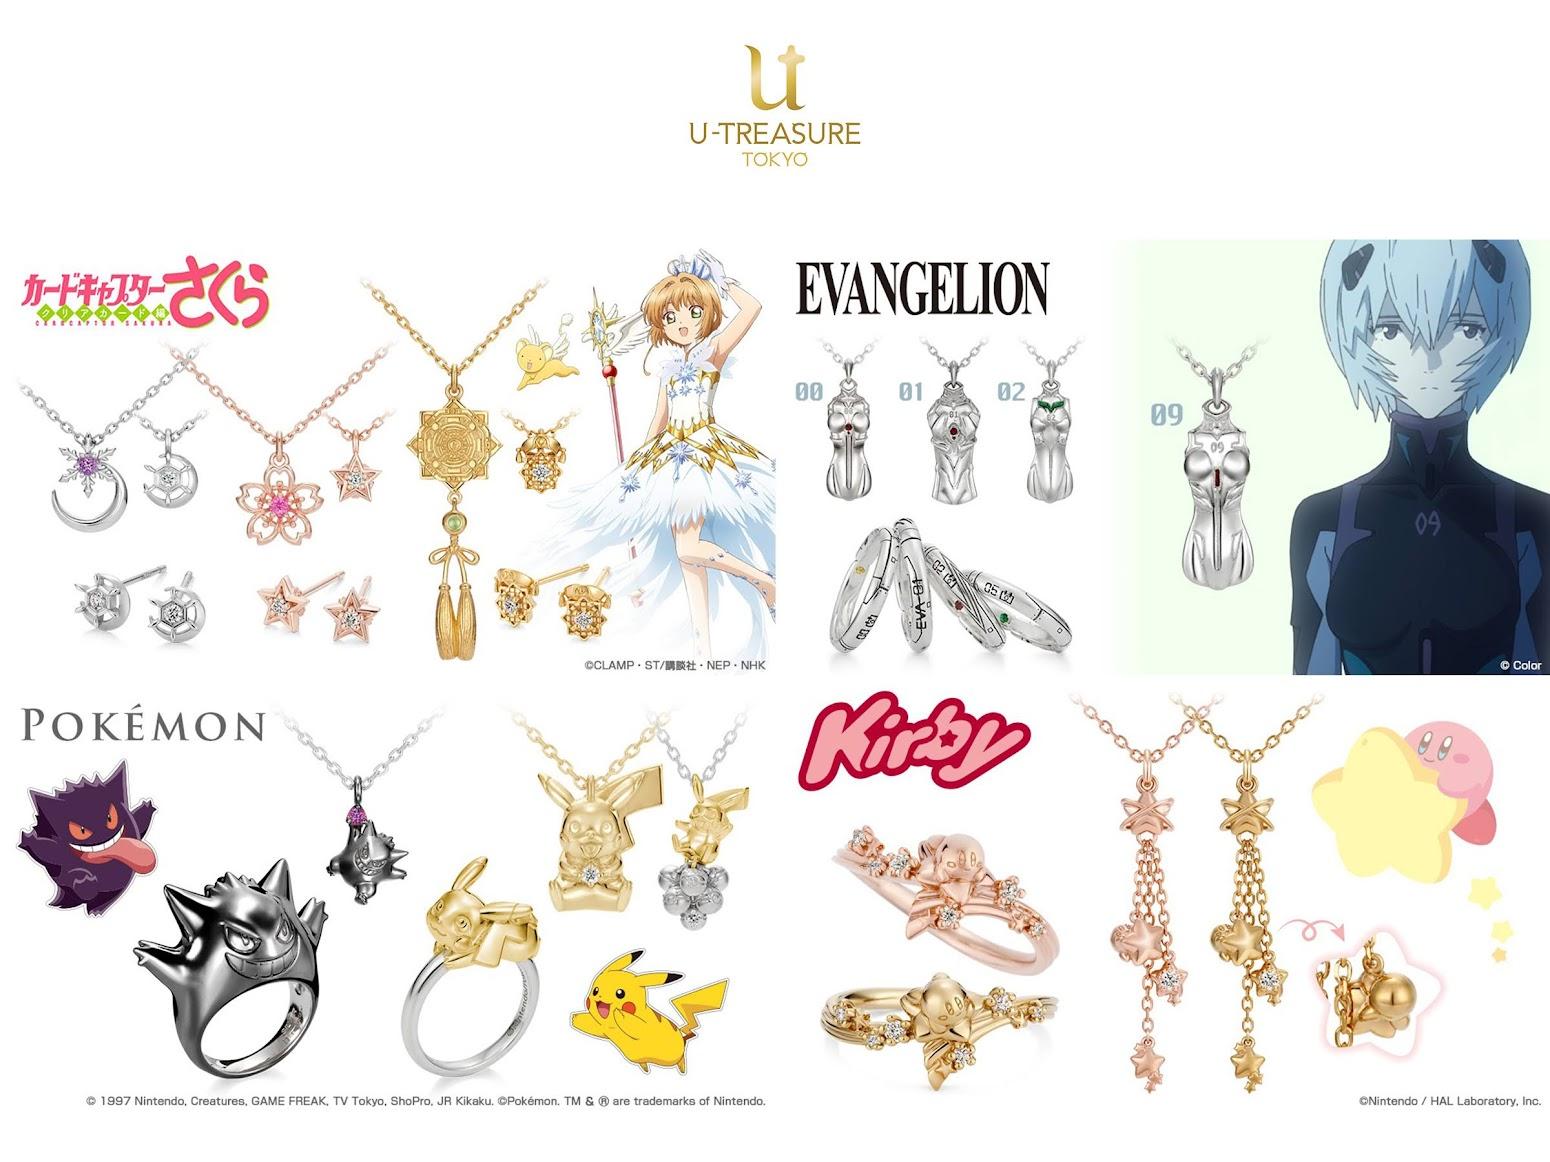 日本動漫遊戲造型品牌珠寶「U-TREASURE」攻台  寶可夢 、 庫洛魔法使 、 星之卡比 、 新世紀福音戰士 可愛到萌哭!